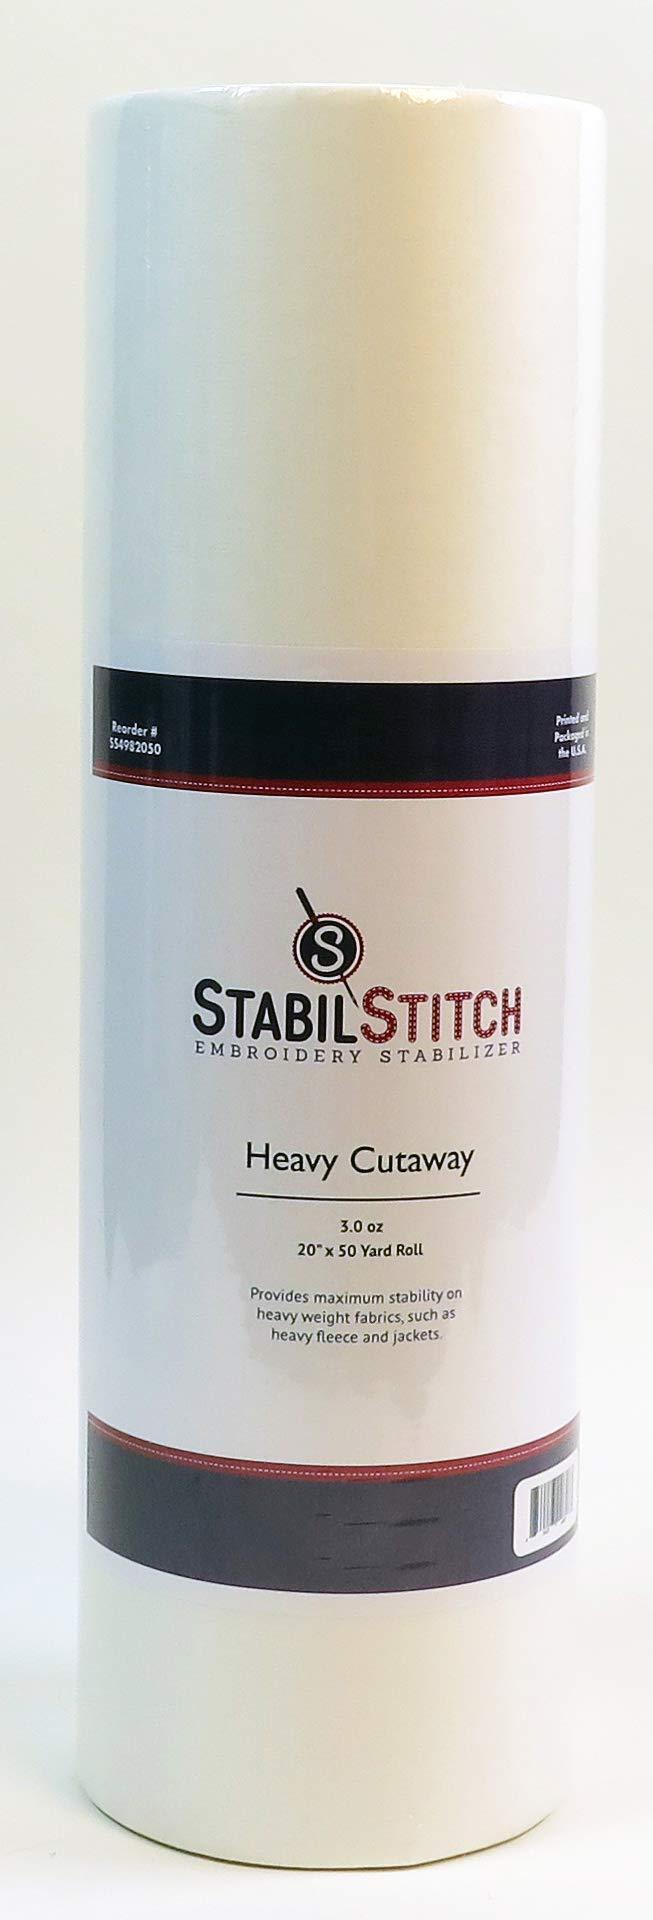 Heavy (3.0 oz.) Cutaway 20'' x 50 Yd Roll - Embroidery Stabilizer by StabilStitch